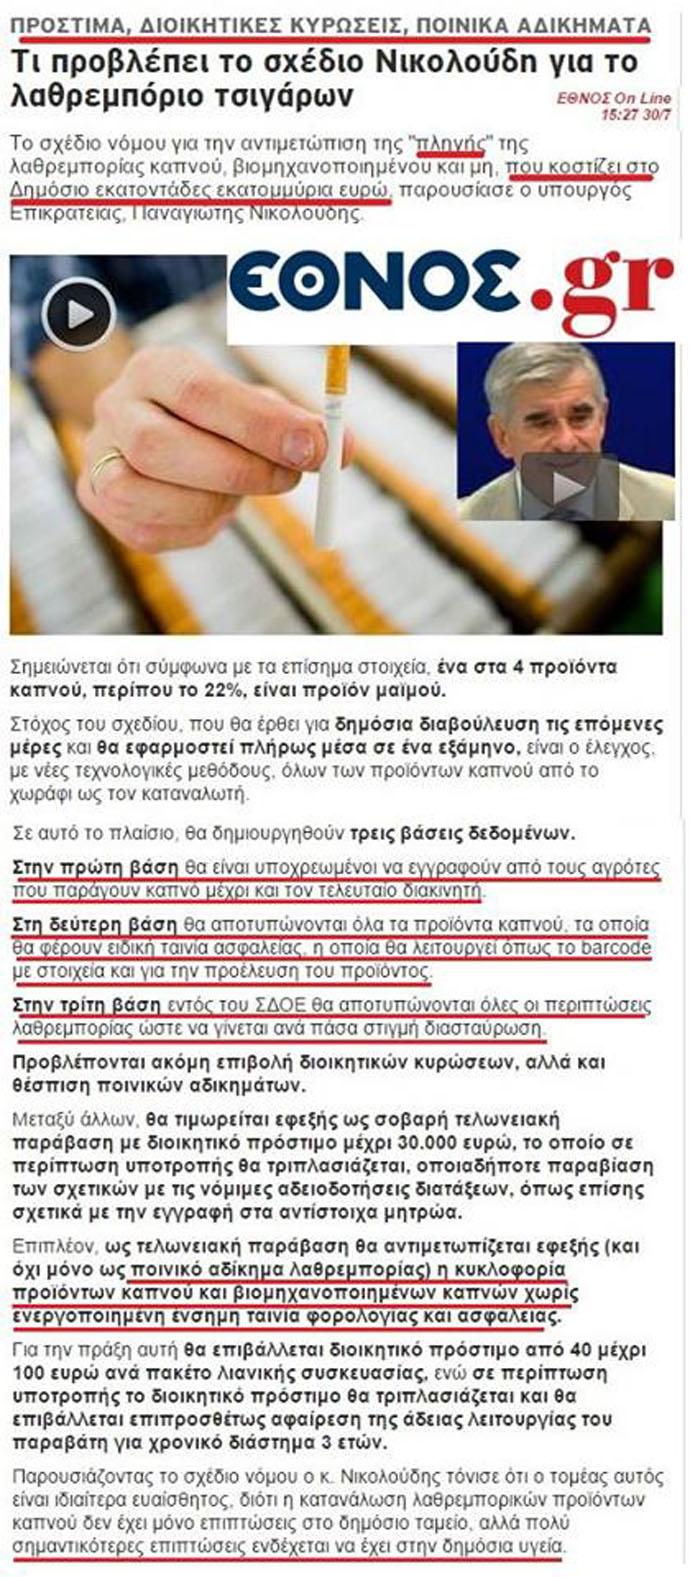 Γιατί ἐλέγχουν τόν καπνό κι ὄχι τόν ...μαϊντανό;